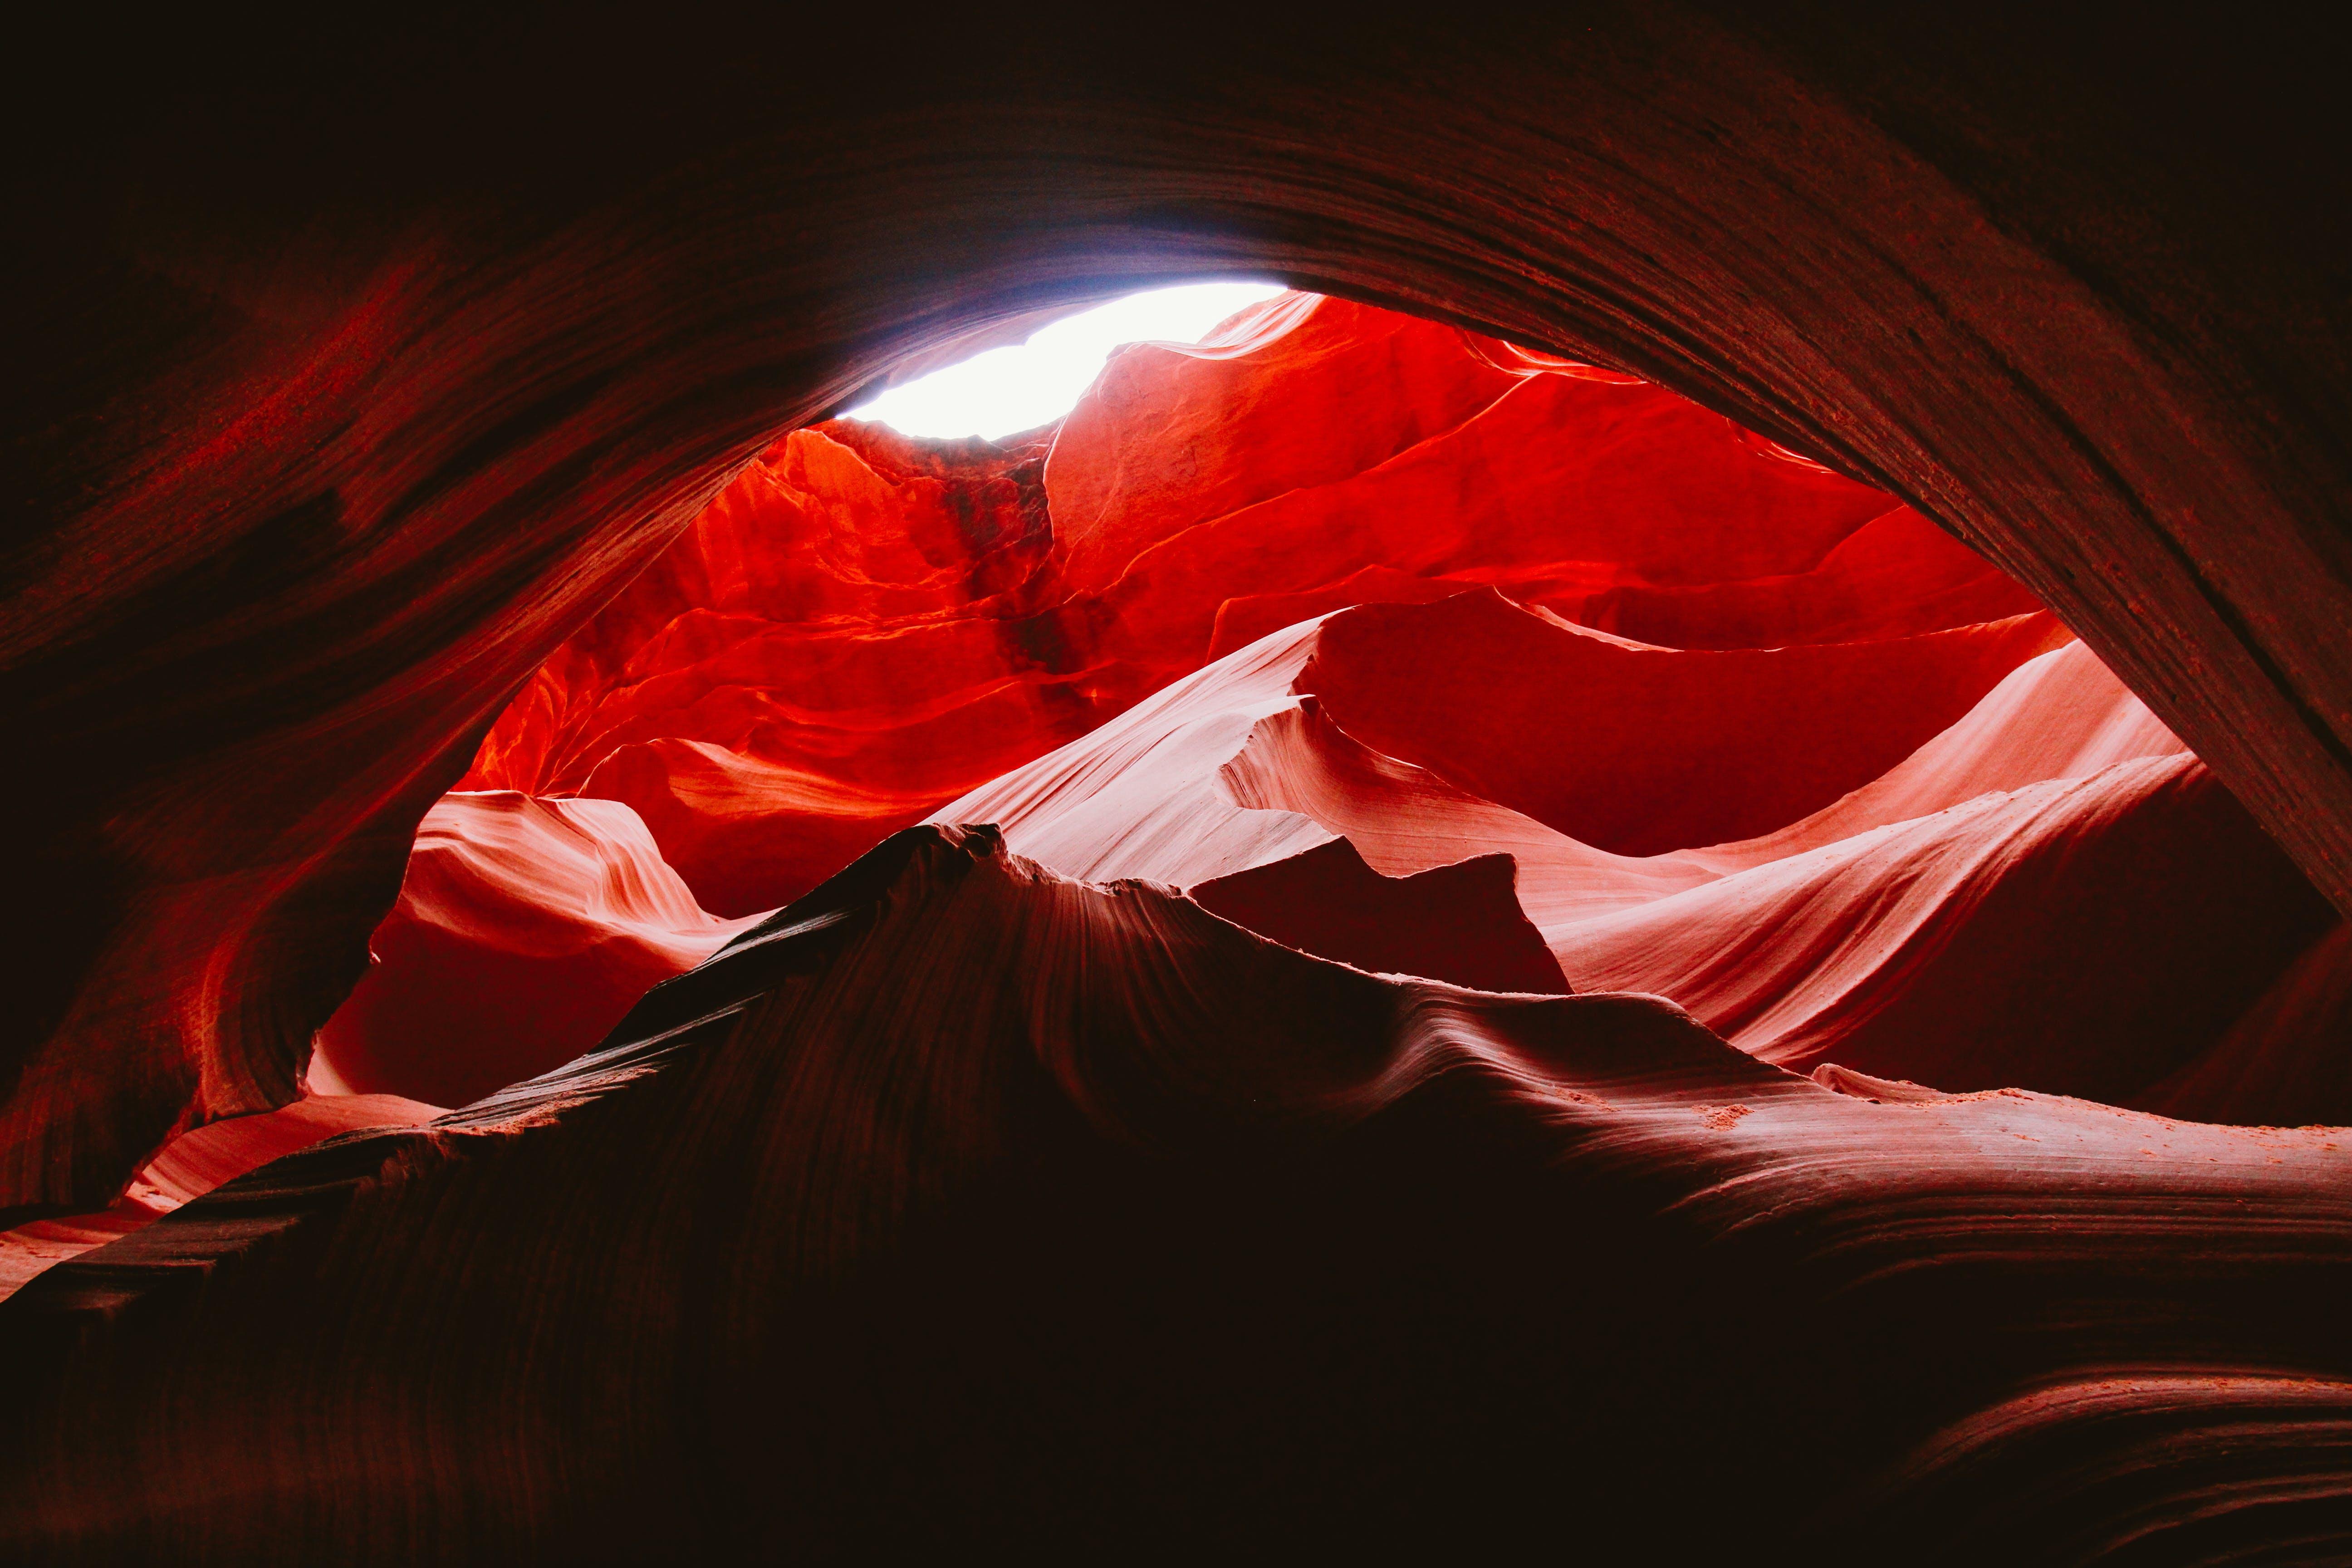 açık, antilop kanyonu, biçim, bulanıklık içeren Ücretsiz stok fotoğraf